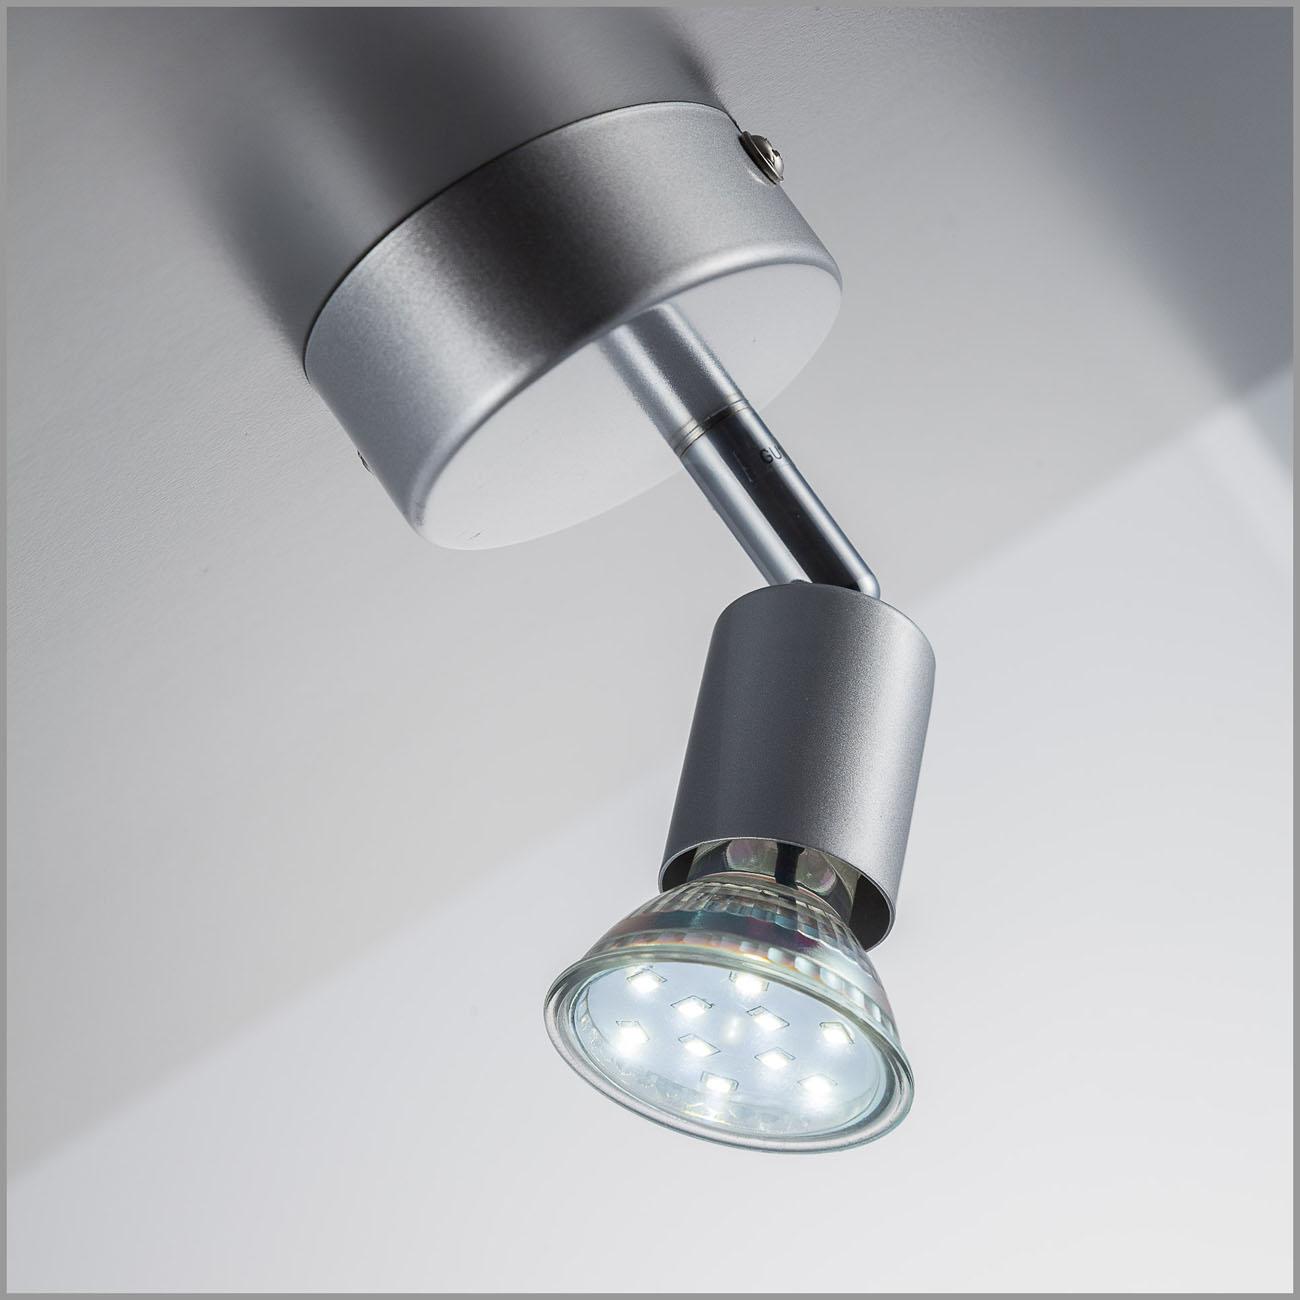 LED Deckenstrahler Deckenspot 1-flammig matt-nickel - 4